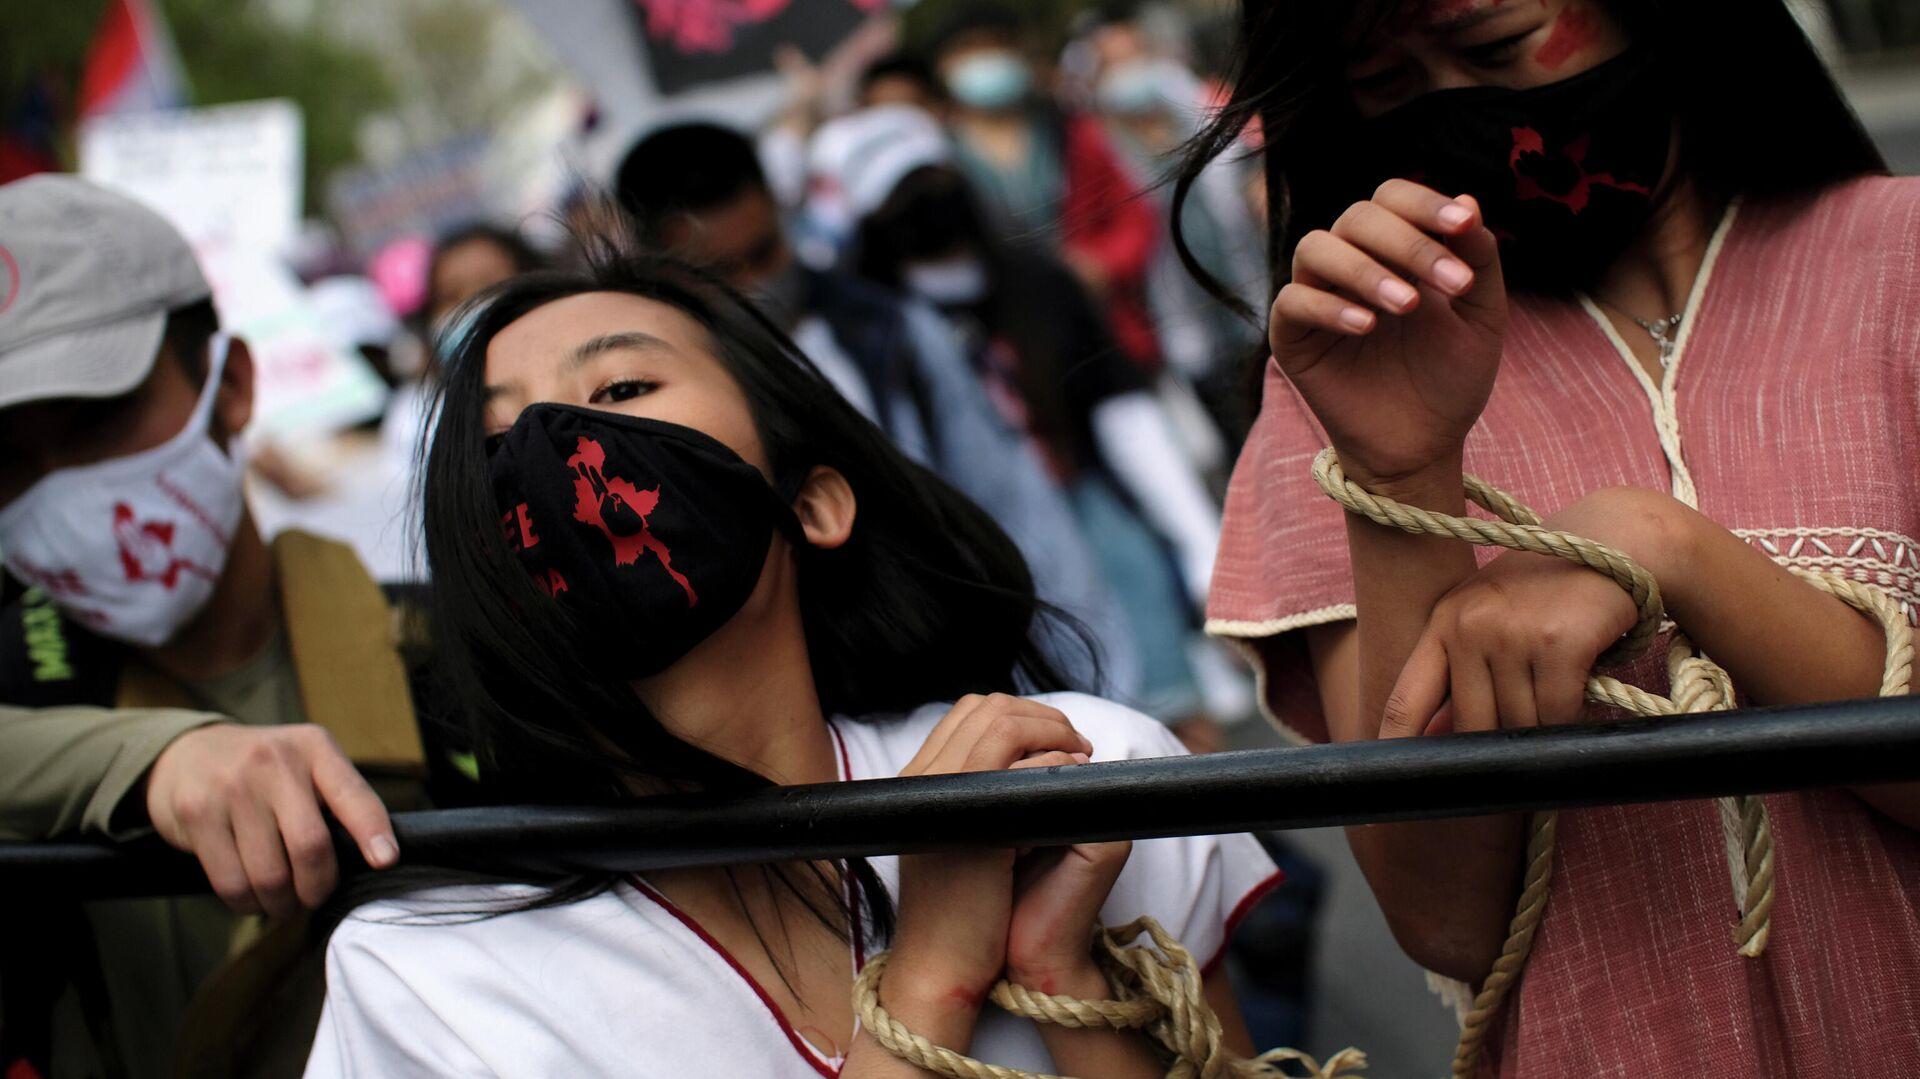 Участники акции протеста против военного переворота в Мьянме во время марша к посольству Мьянмы в Вашингтоне - РИА Новости, 1920, 17.04.2021